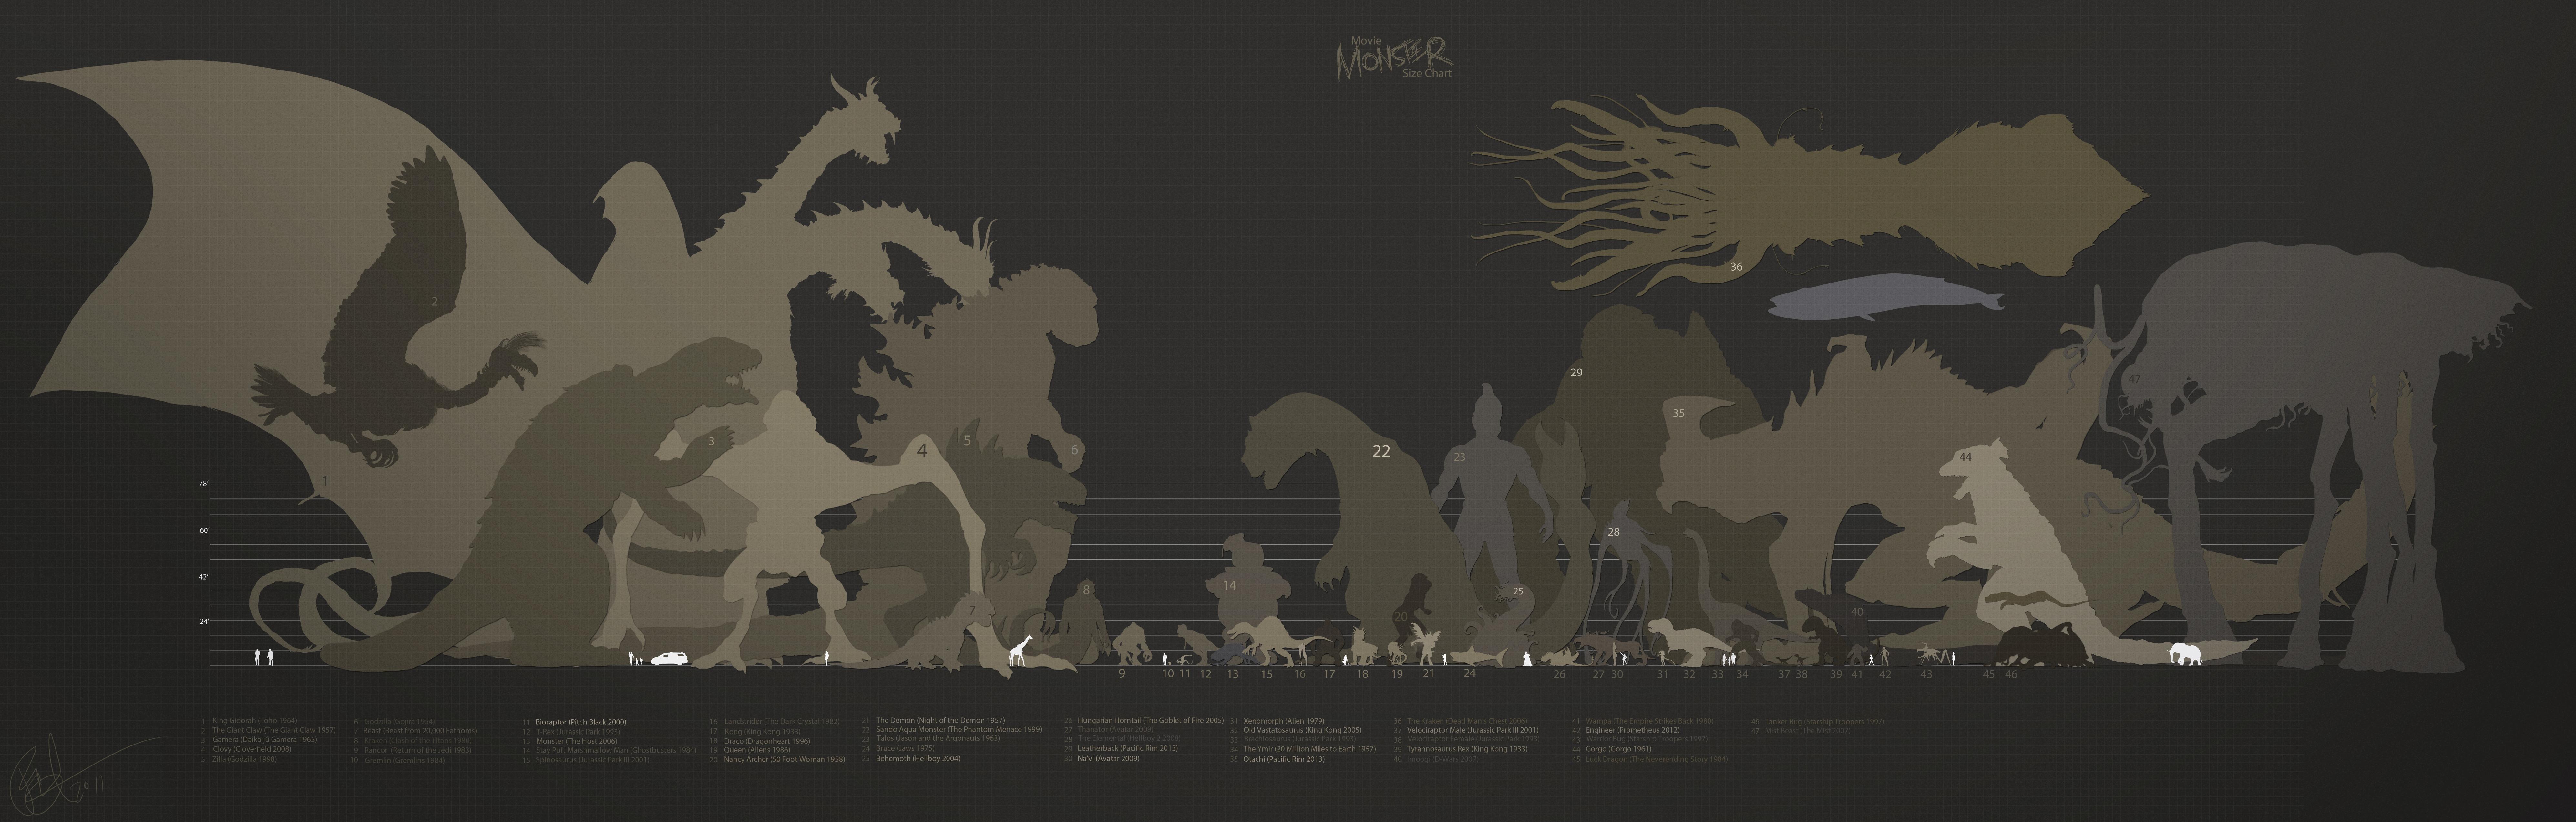 http://orig12.deviantart.net/b8e6/f/2014/062/7/2/movie_monster_size_chart_by_lord_phillock-d47yzw8.jpg